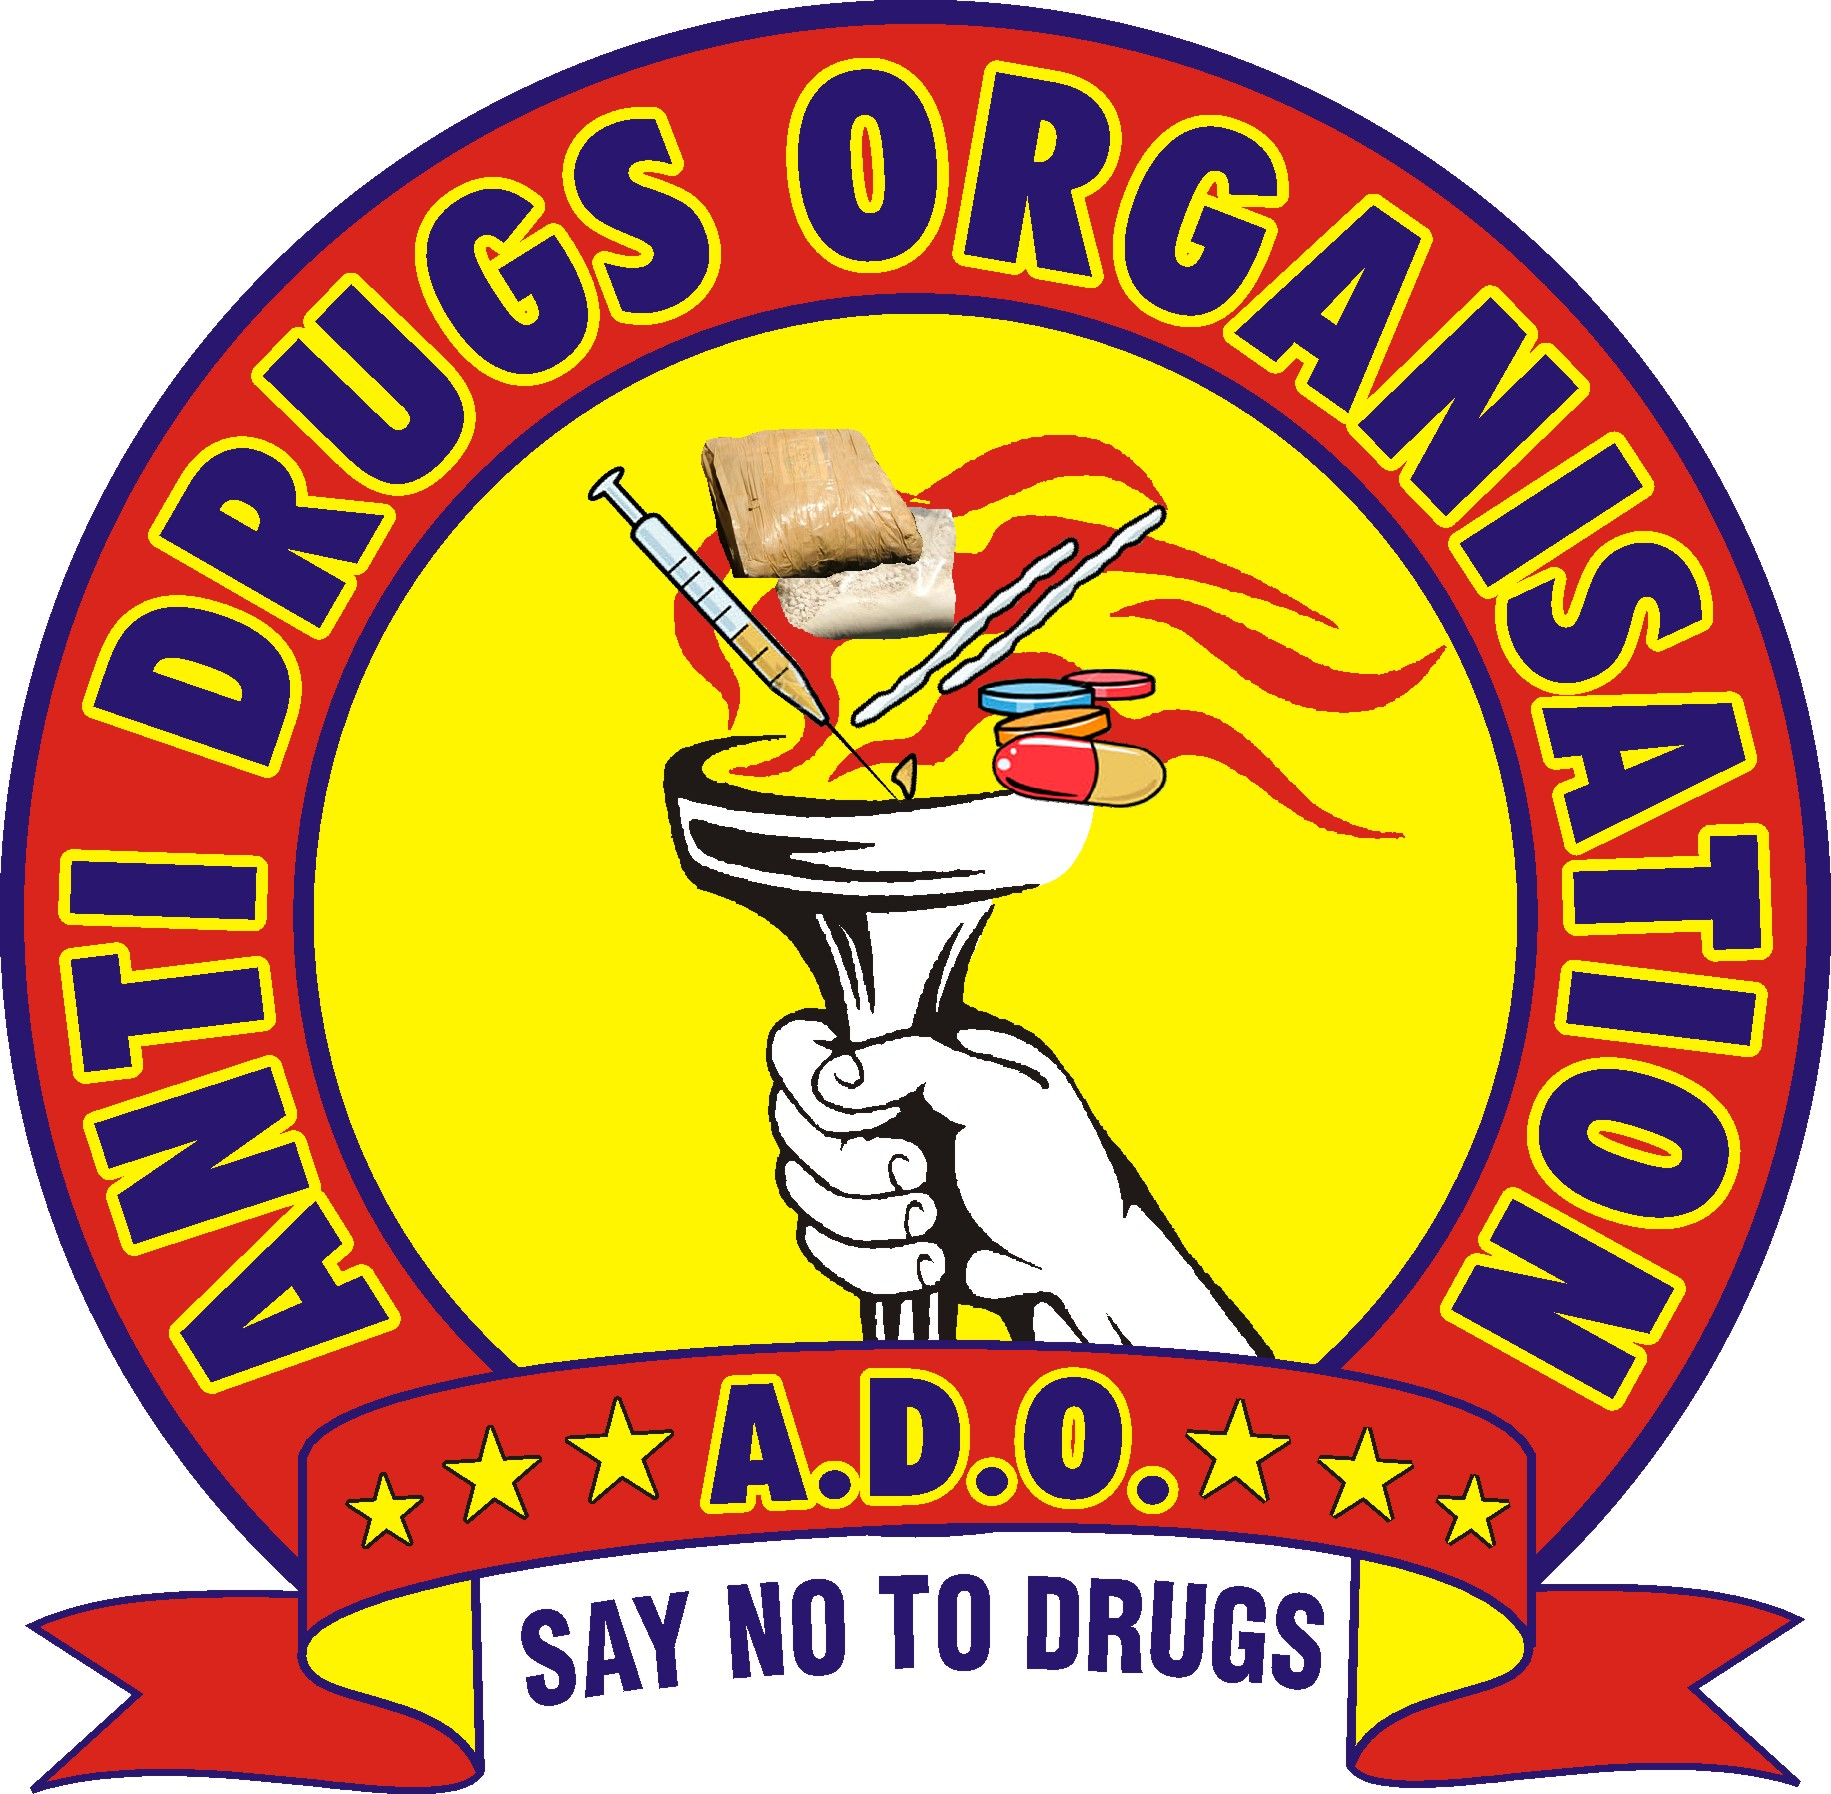 ANTI DRUGS ORGANISATION